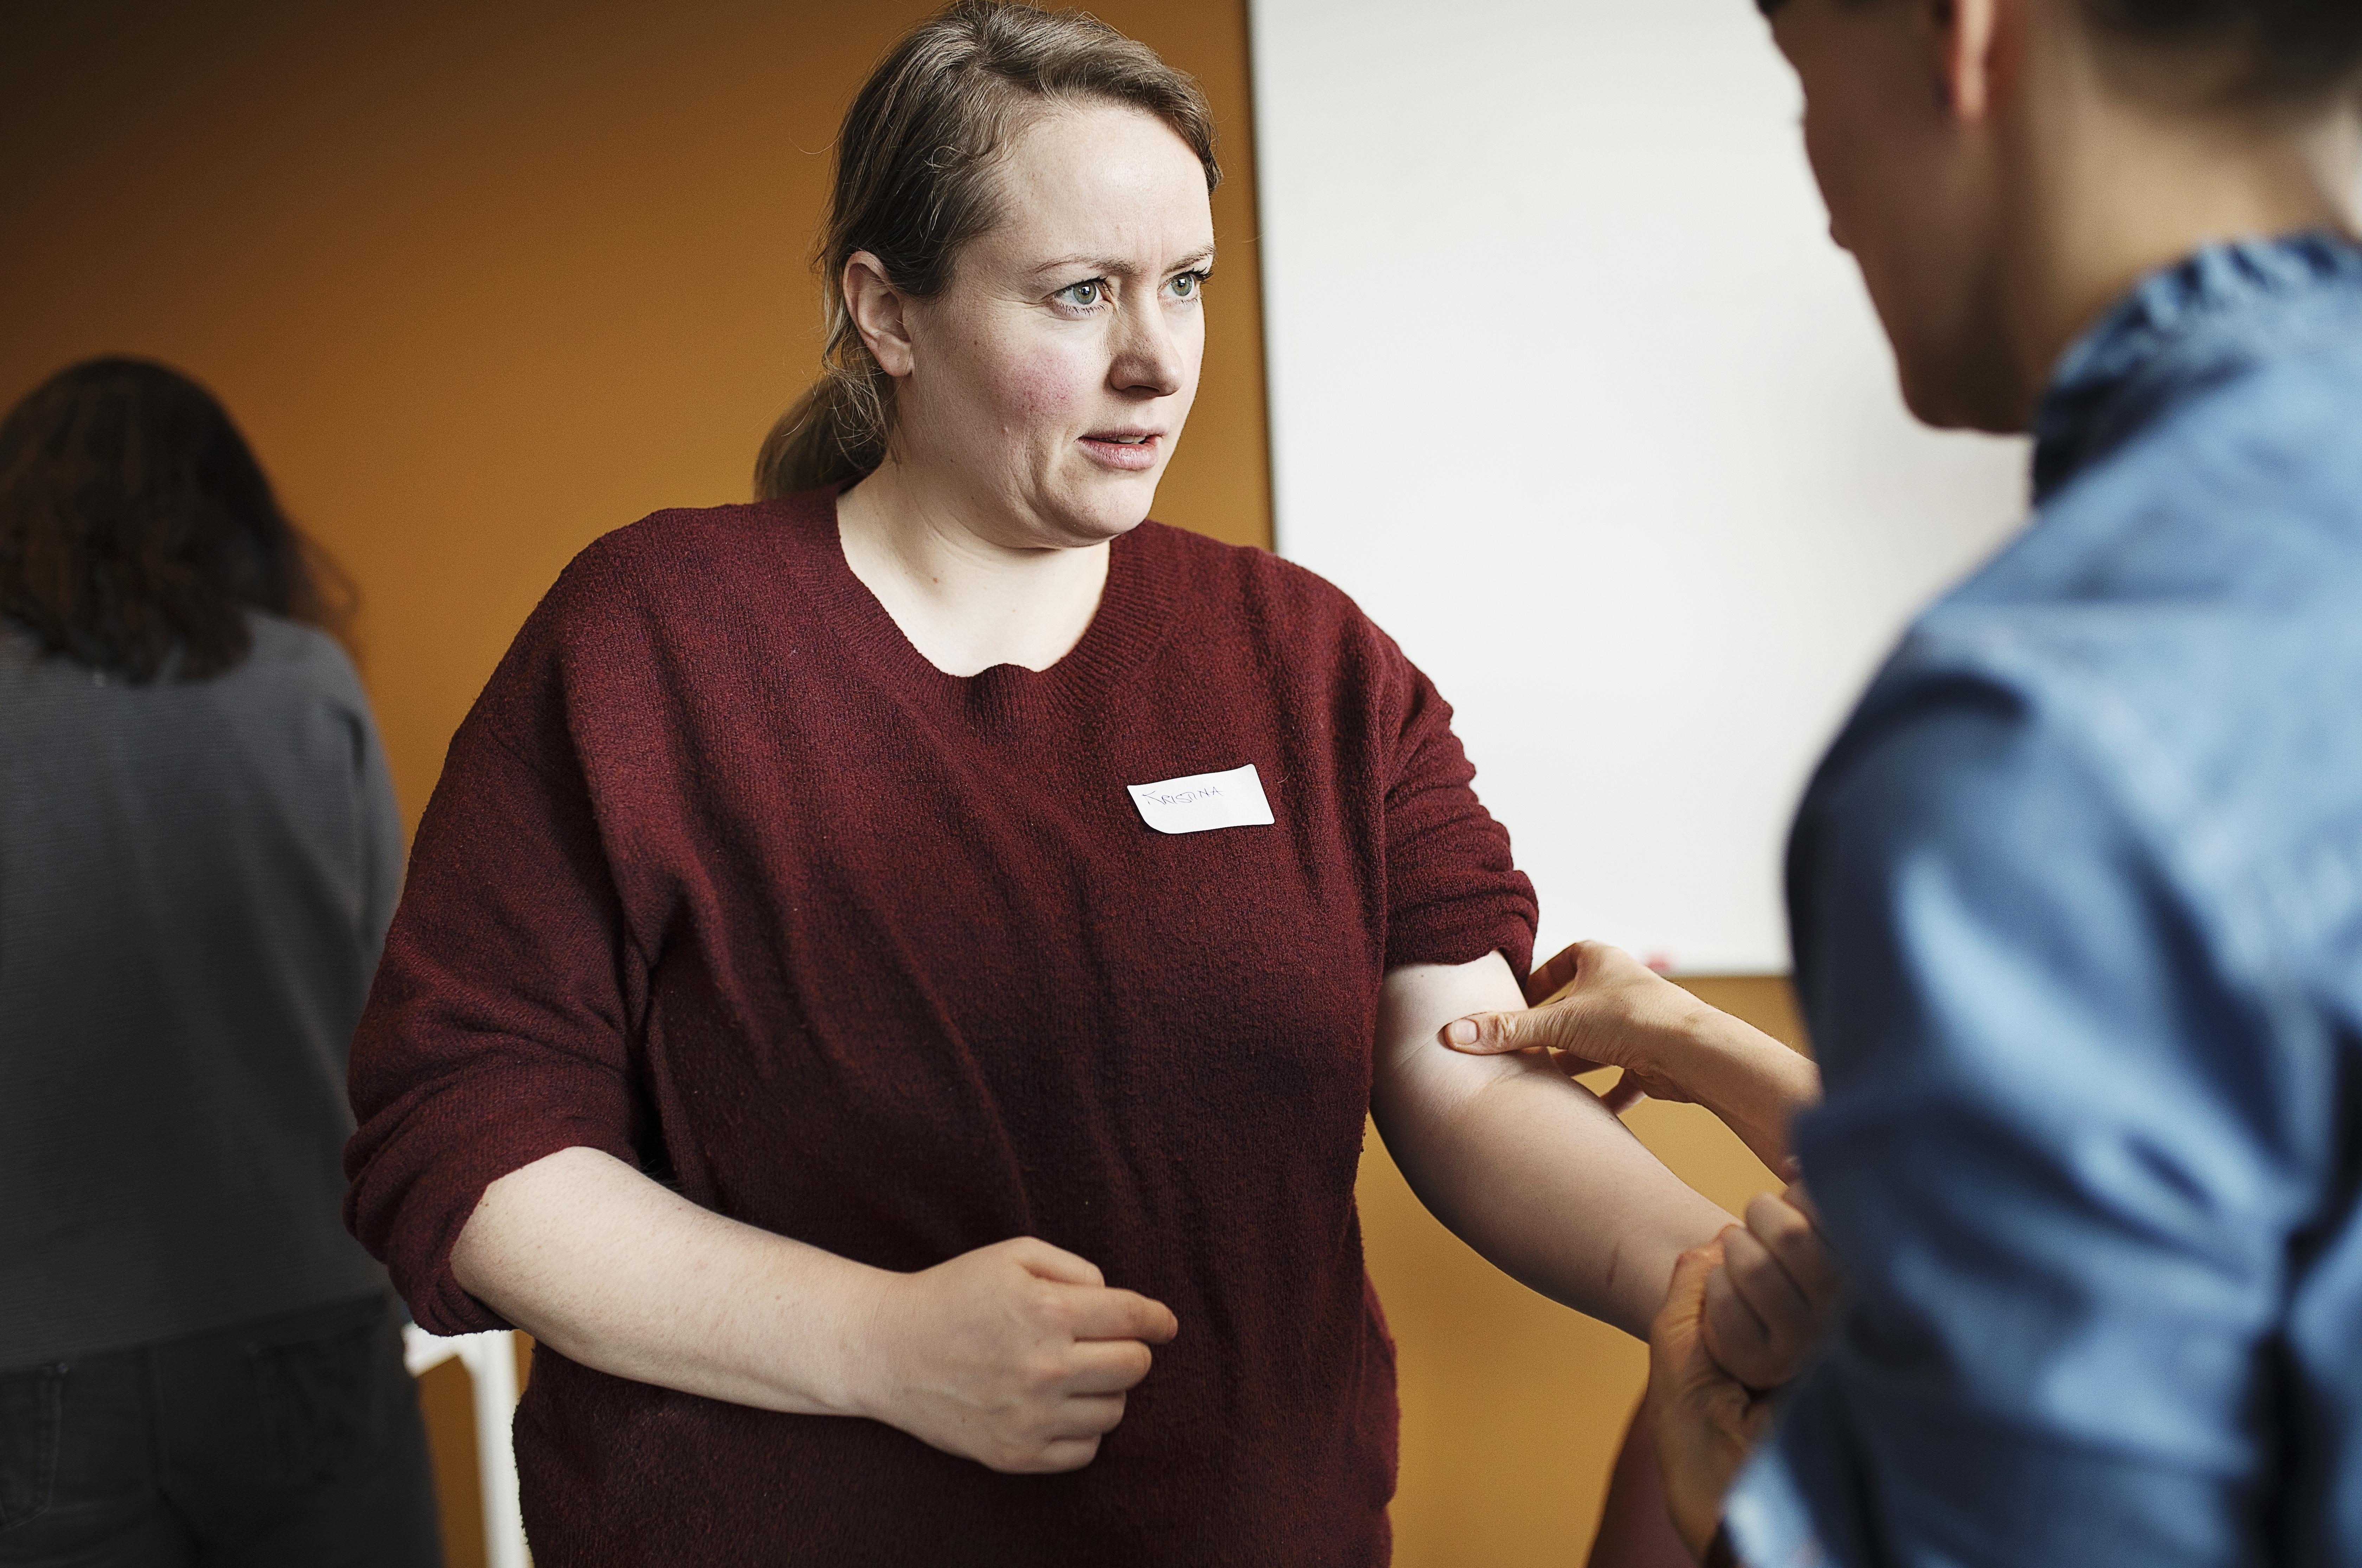 Kristina Buch Dixen er glad for at kunne møde andre håndterapeuter på kurset og få udvekslet erfaringer.